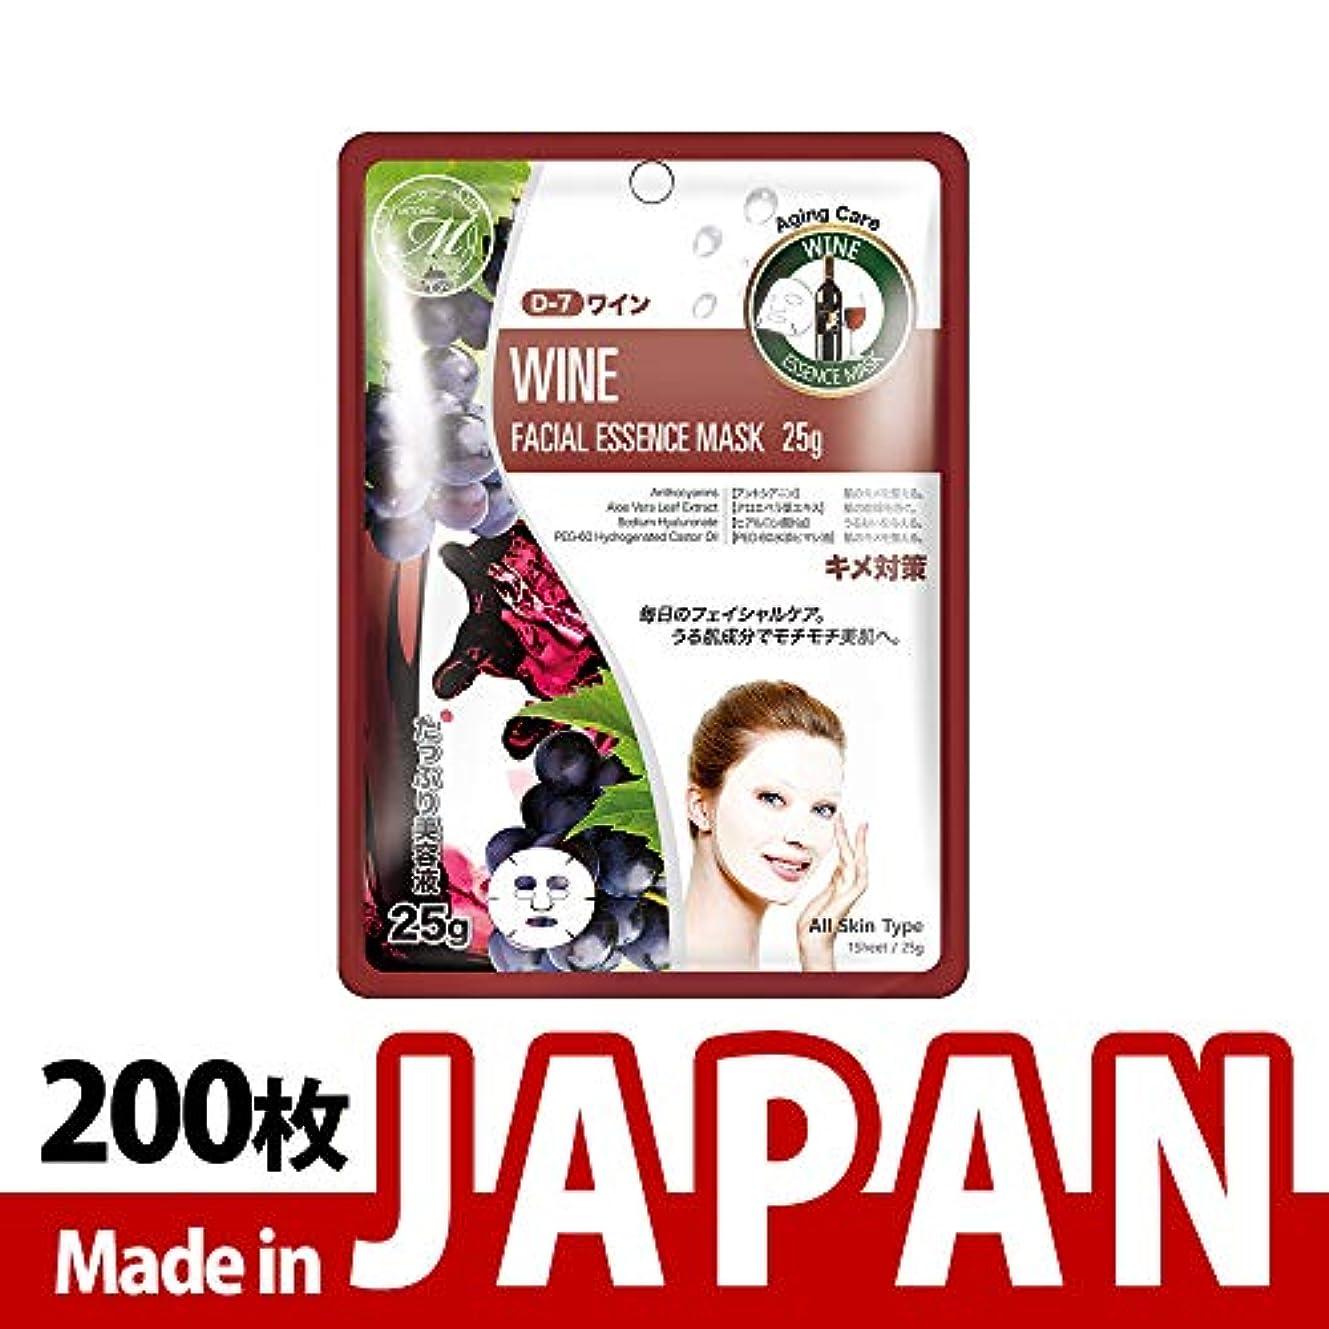 十一サスペンションフルート【MT512-D-7】シートマスク/10枚入り/200枚/美容液/マスクパック/送料無料